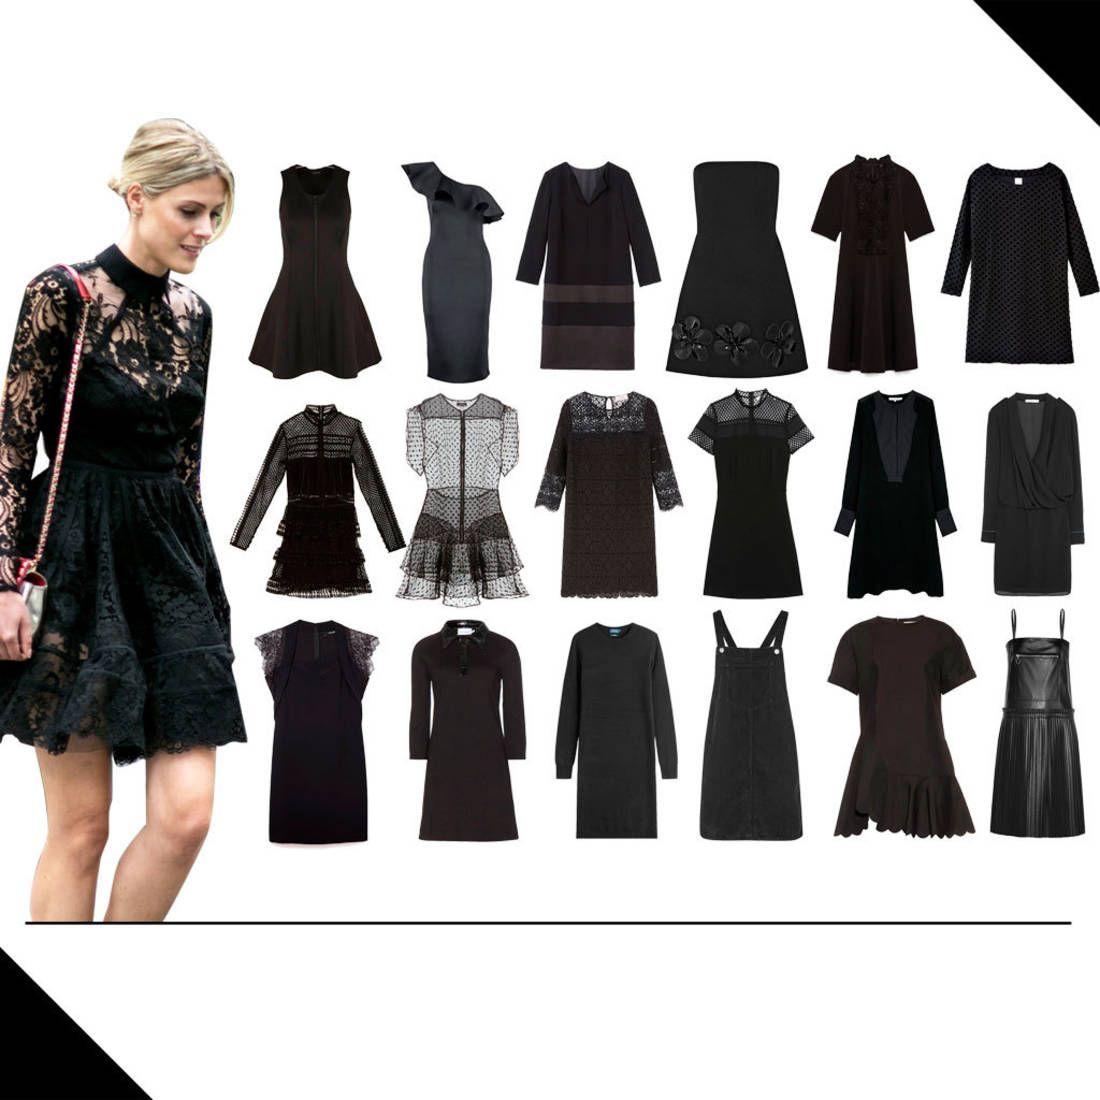 Robe noire 30 jolies robes noires que lon reve davoir for Robe de reve